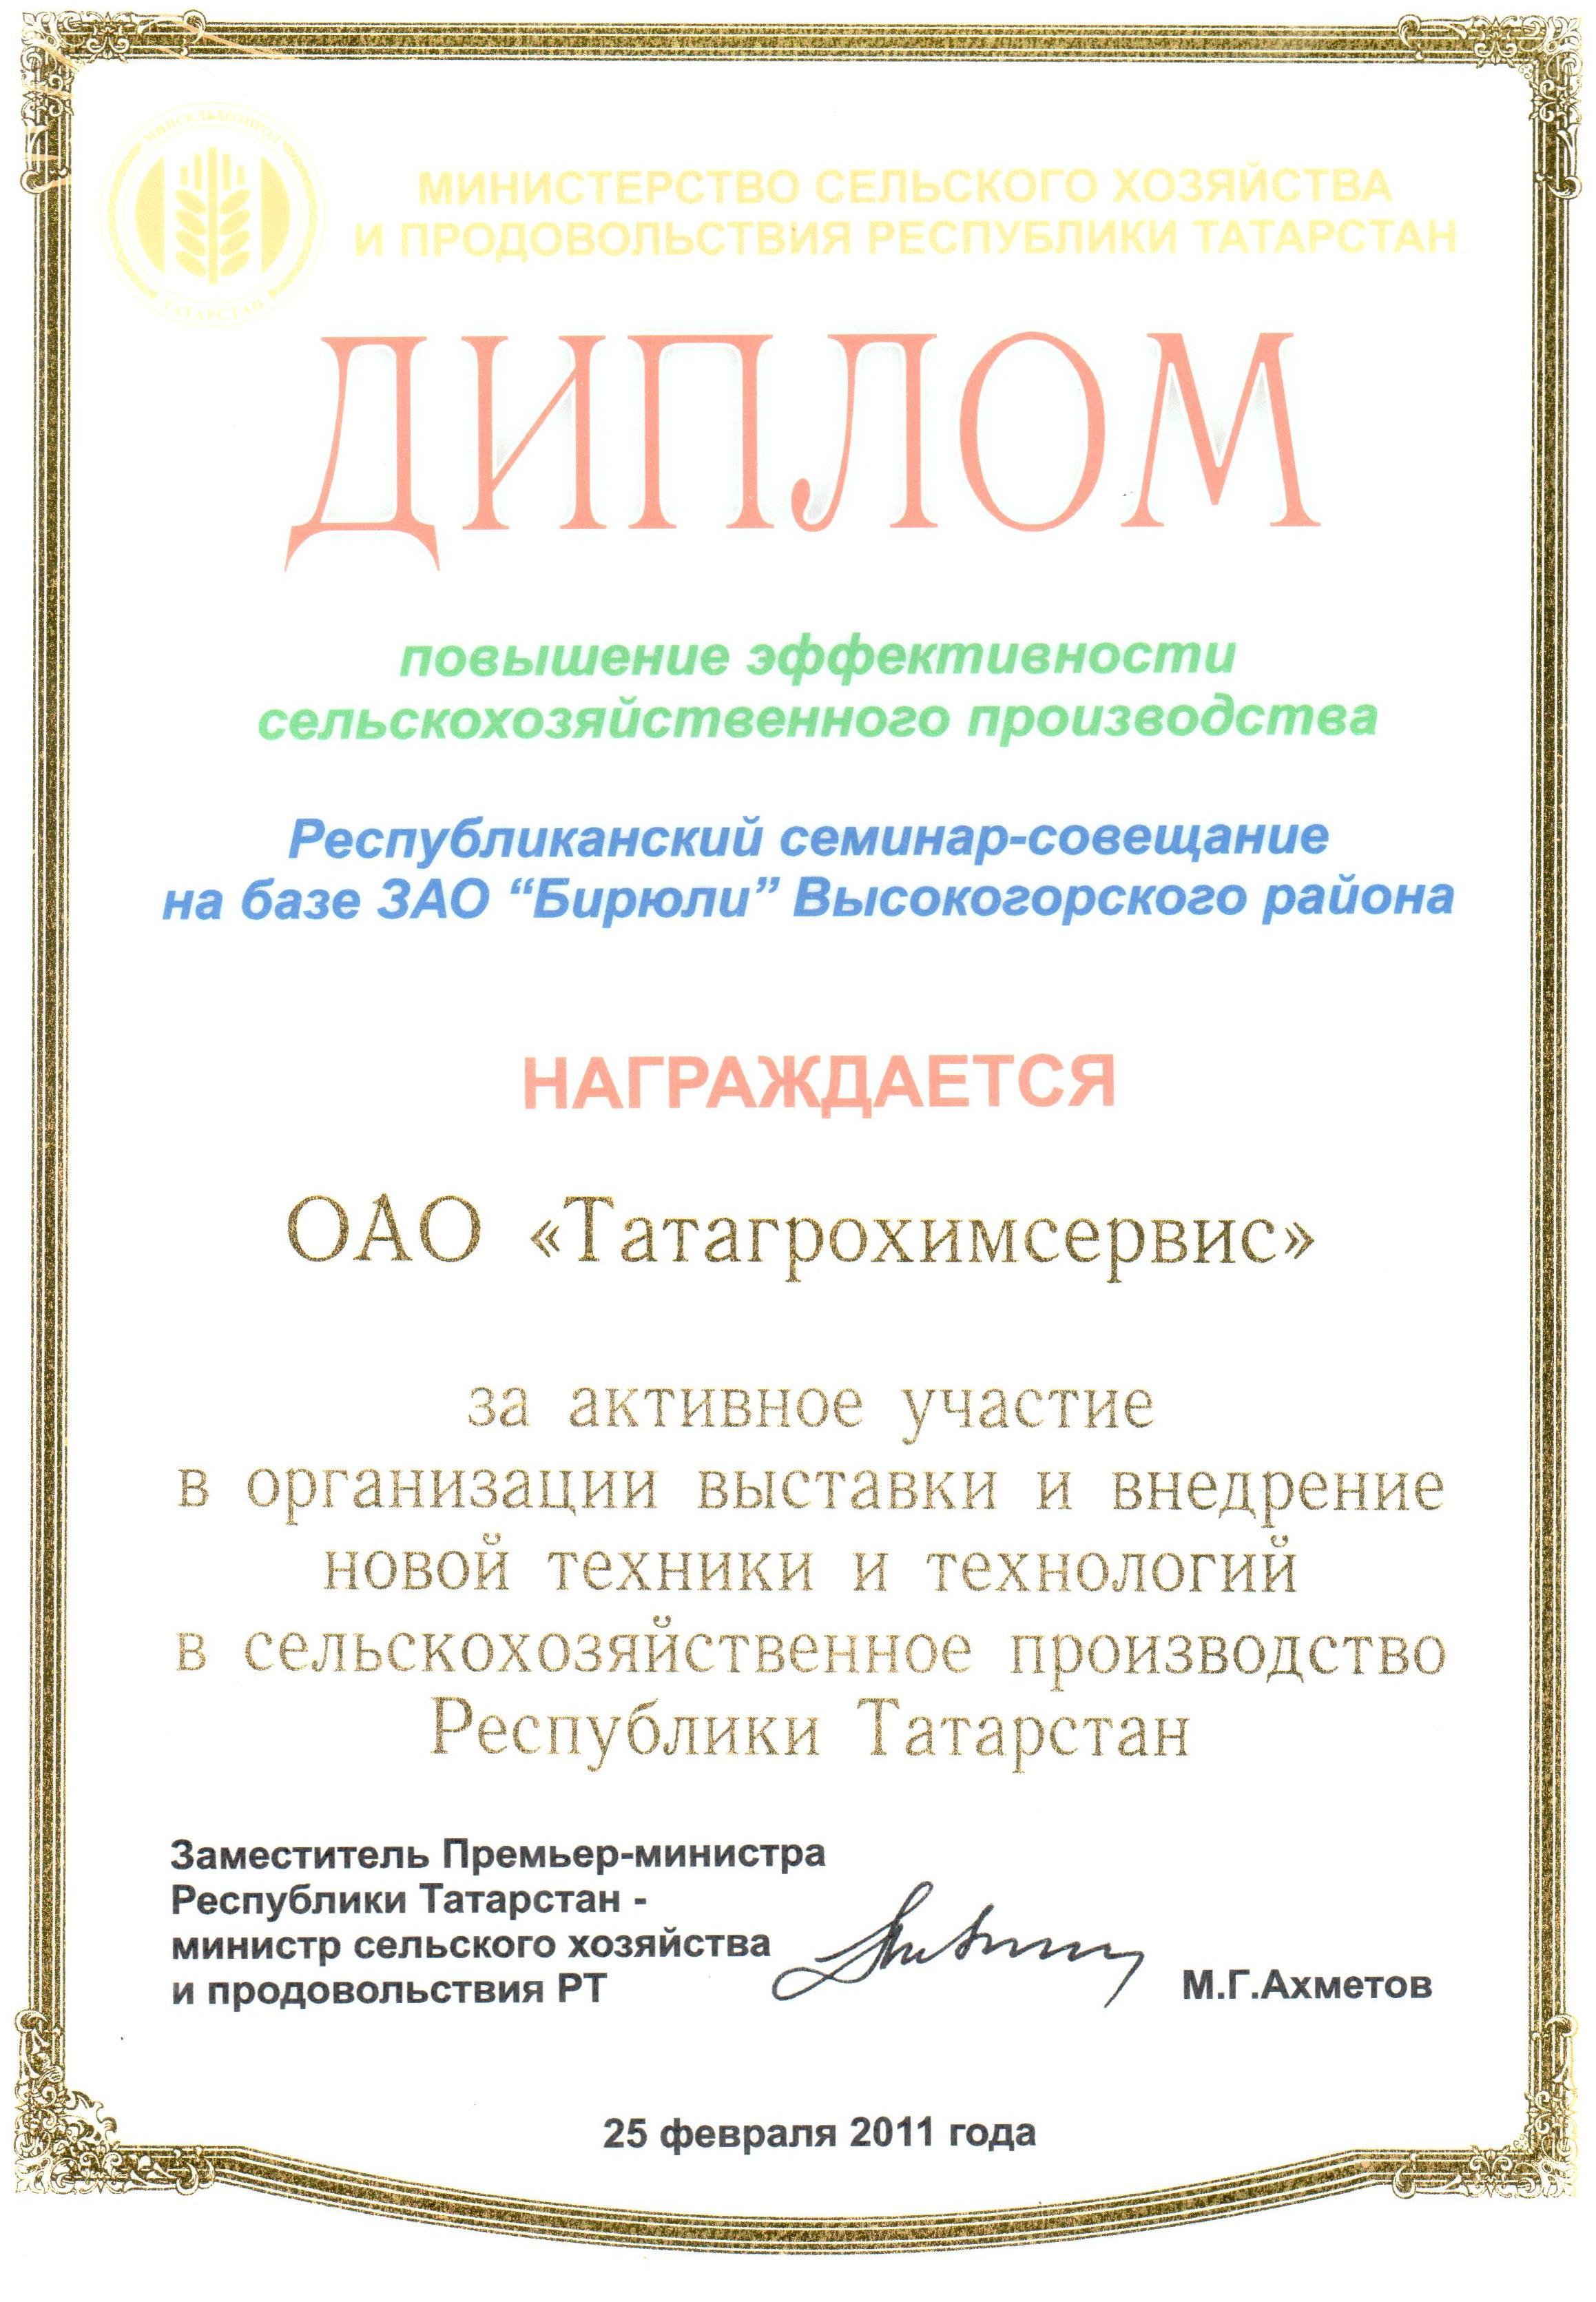 Поздравления с получением диплома в прозе